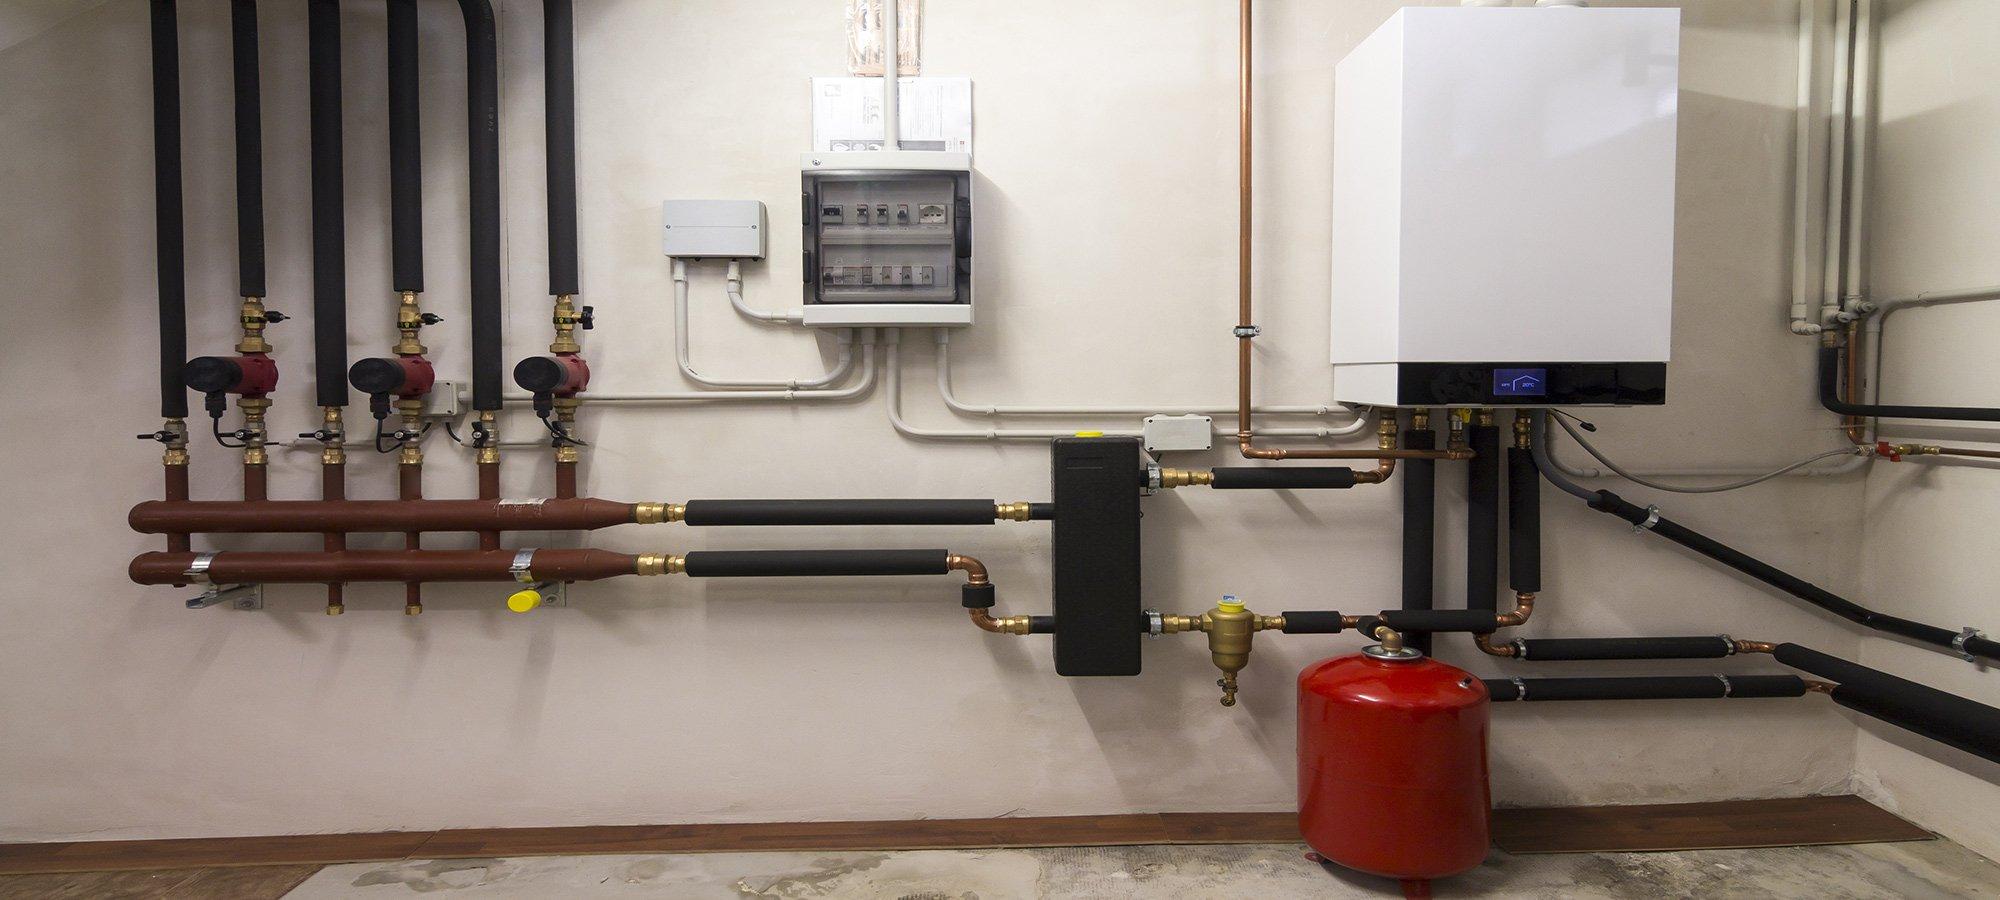 Impianto di caldaia a condensazione presso Ditta Termoidraulica Nerio Caporali a Cesena